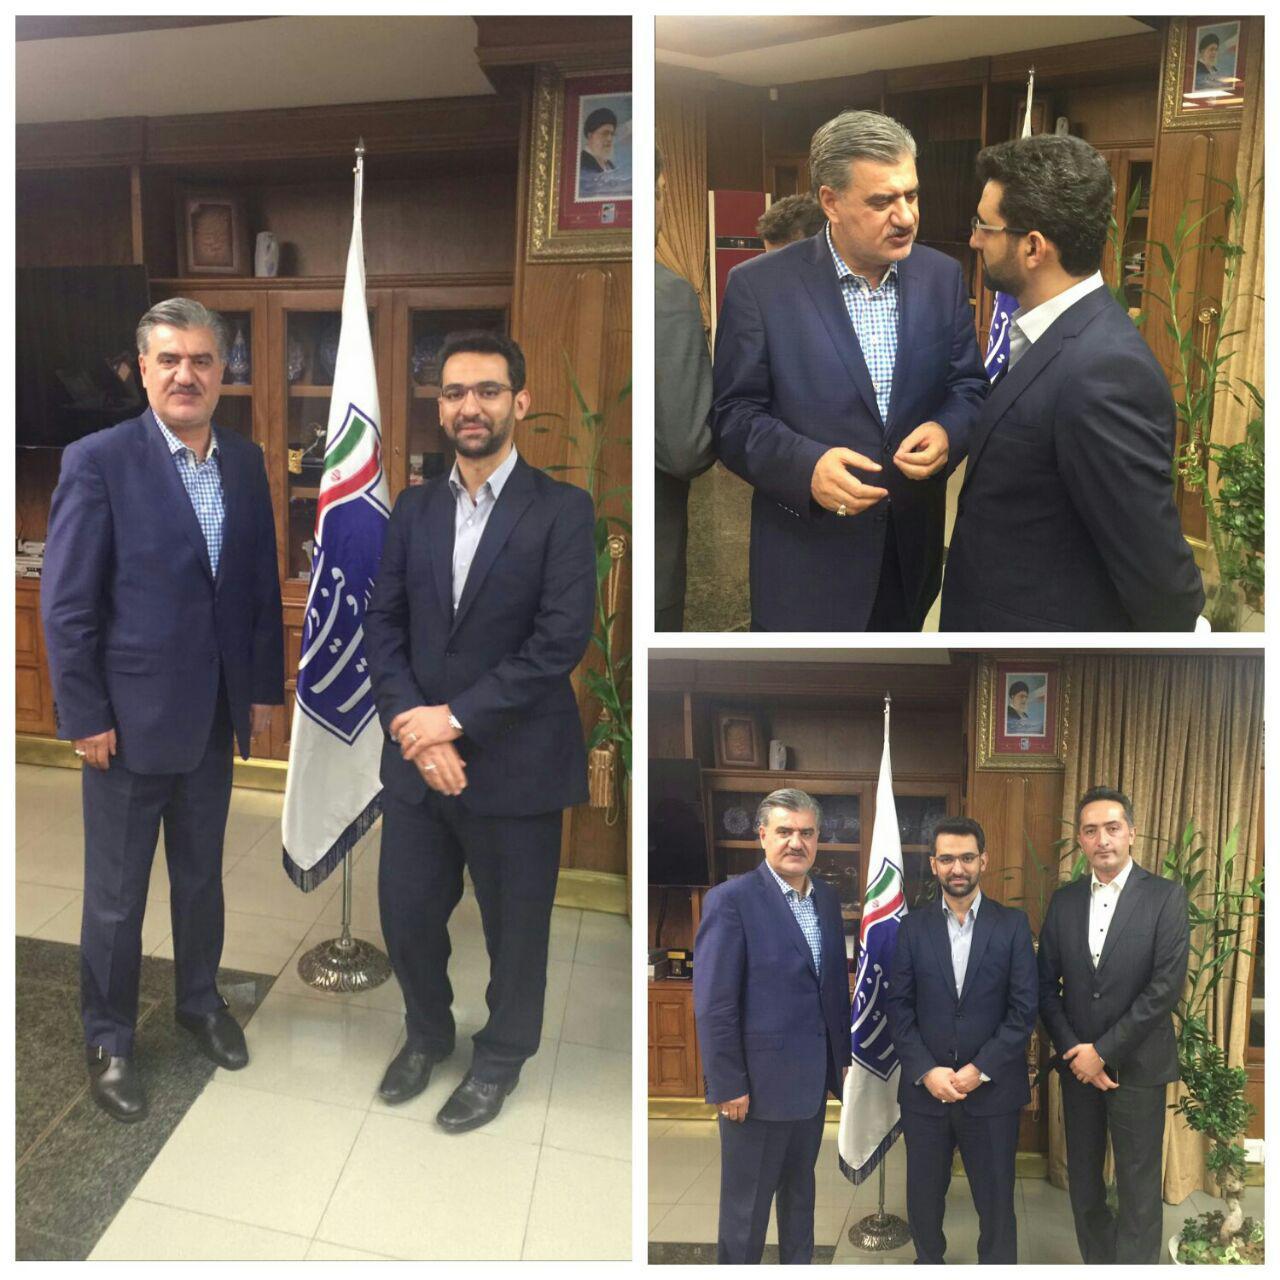 جلسه دکتر عزیزى با مهندس جهرمى وزیرمحترم ارتباطات و فنآوری اطلاعات